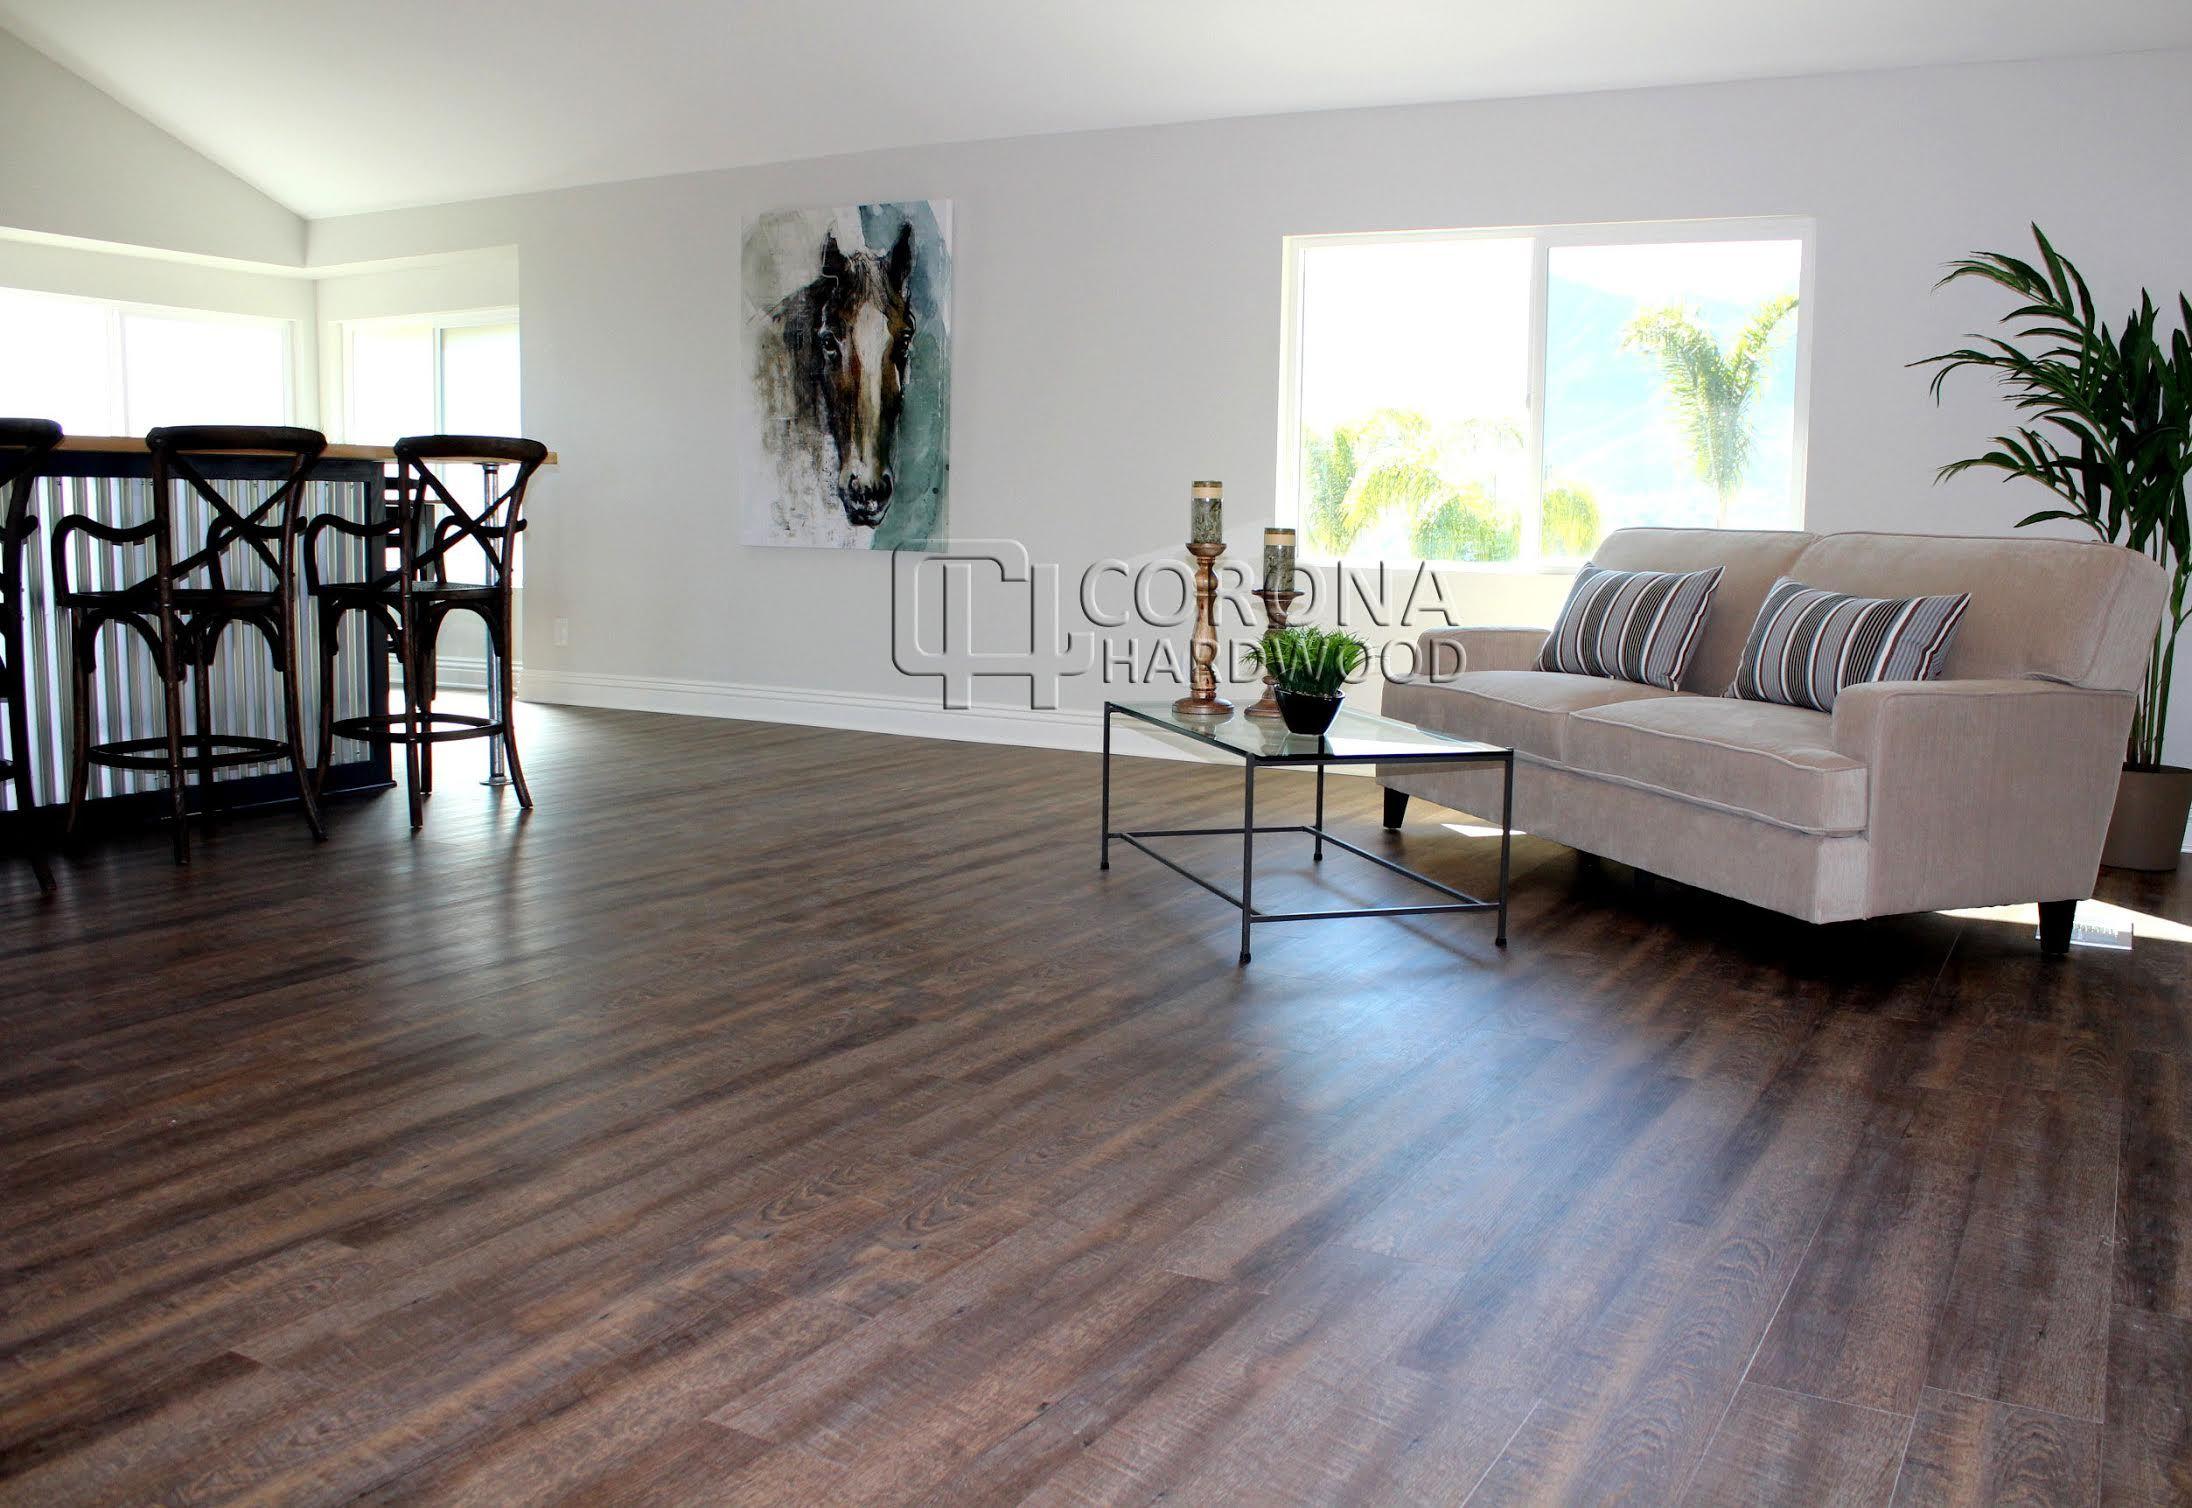 Paradigm par 1223 our floor flooring pinterest concrete paradigm par 1223 our floor dailygadgetfo Image collections